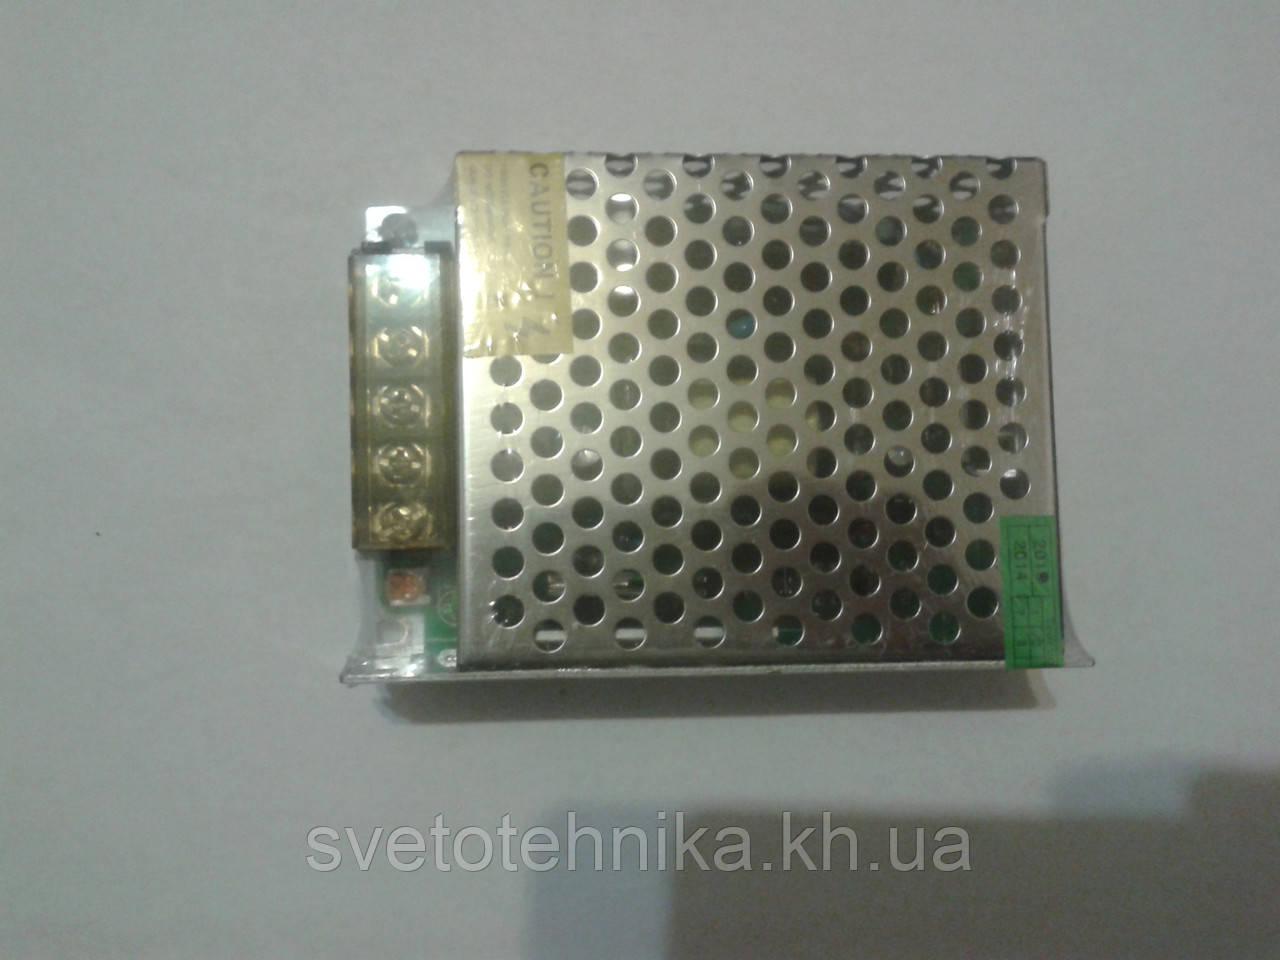 Блок питания понижающий для светодиодных лент 12V 40Вт